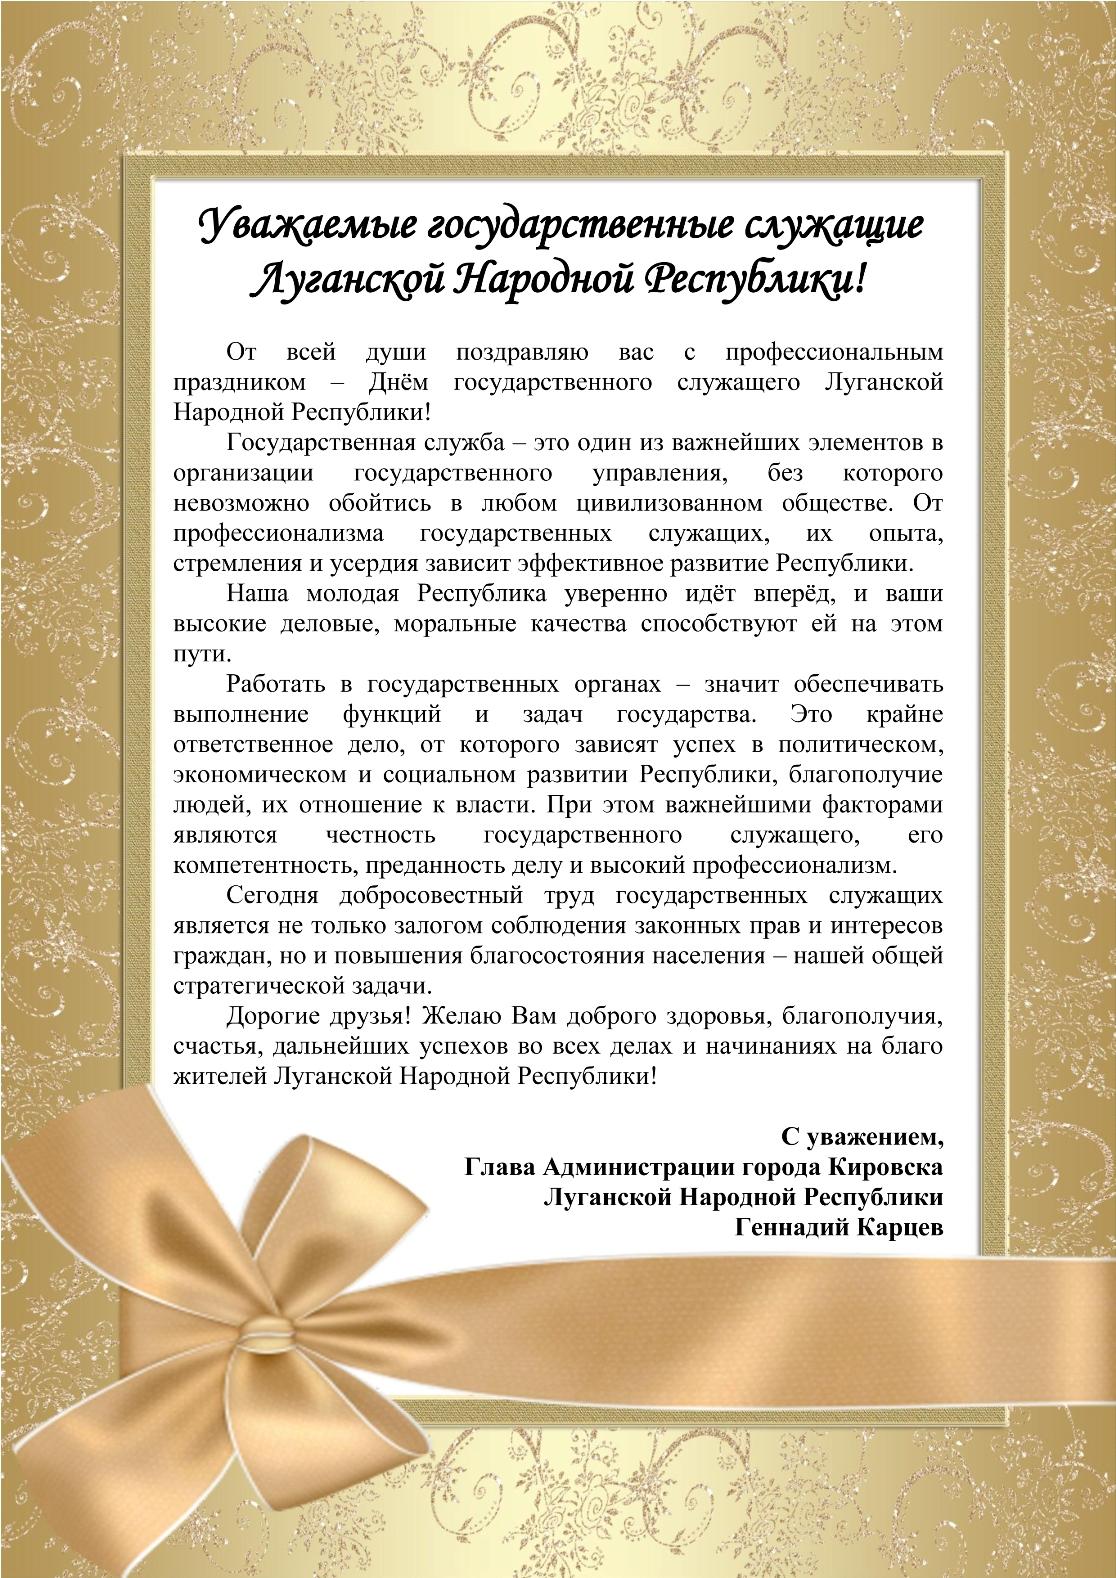 Открыток, текст для официальной поздравительной открытки